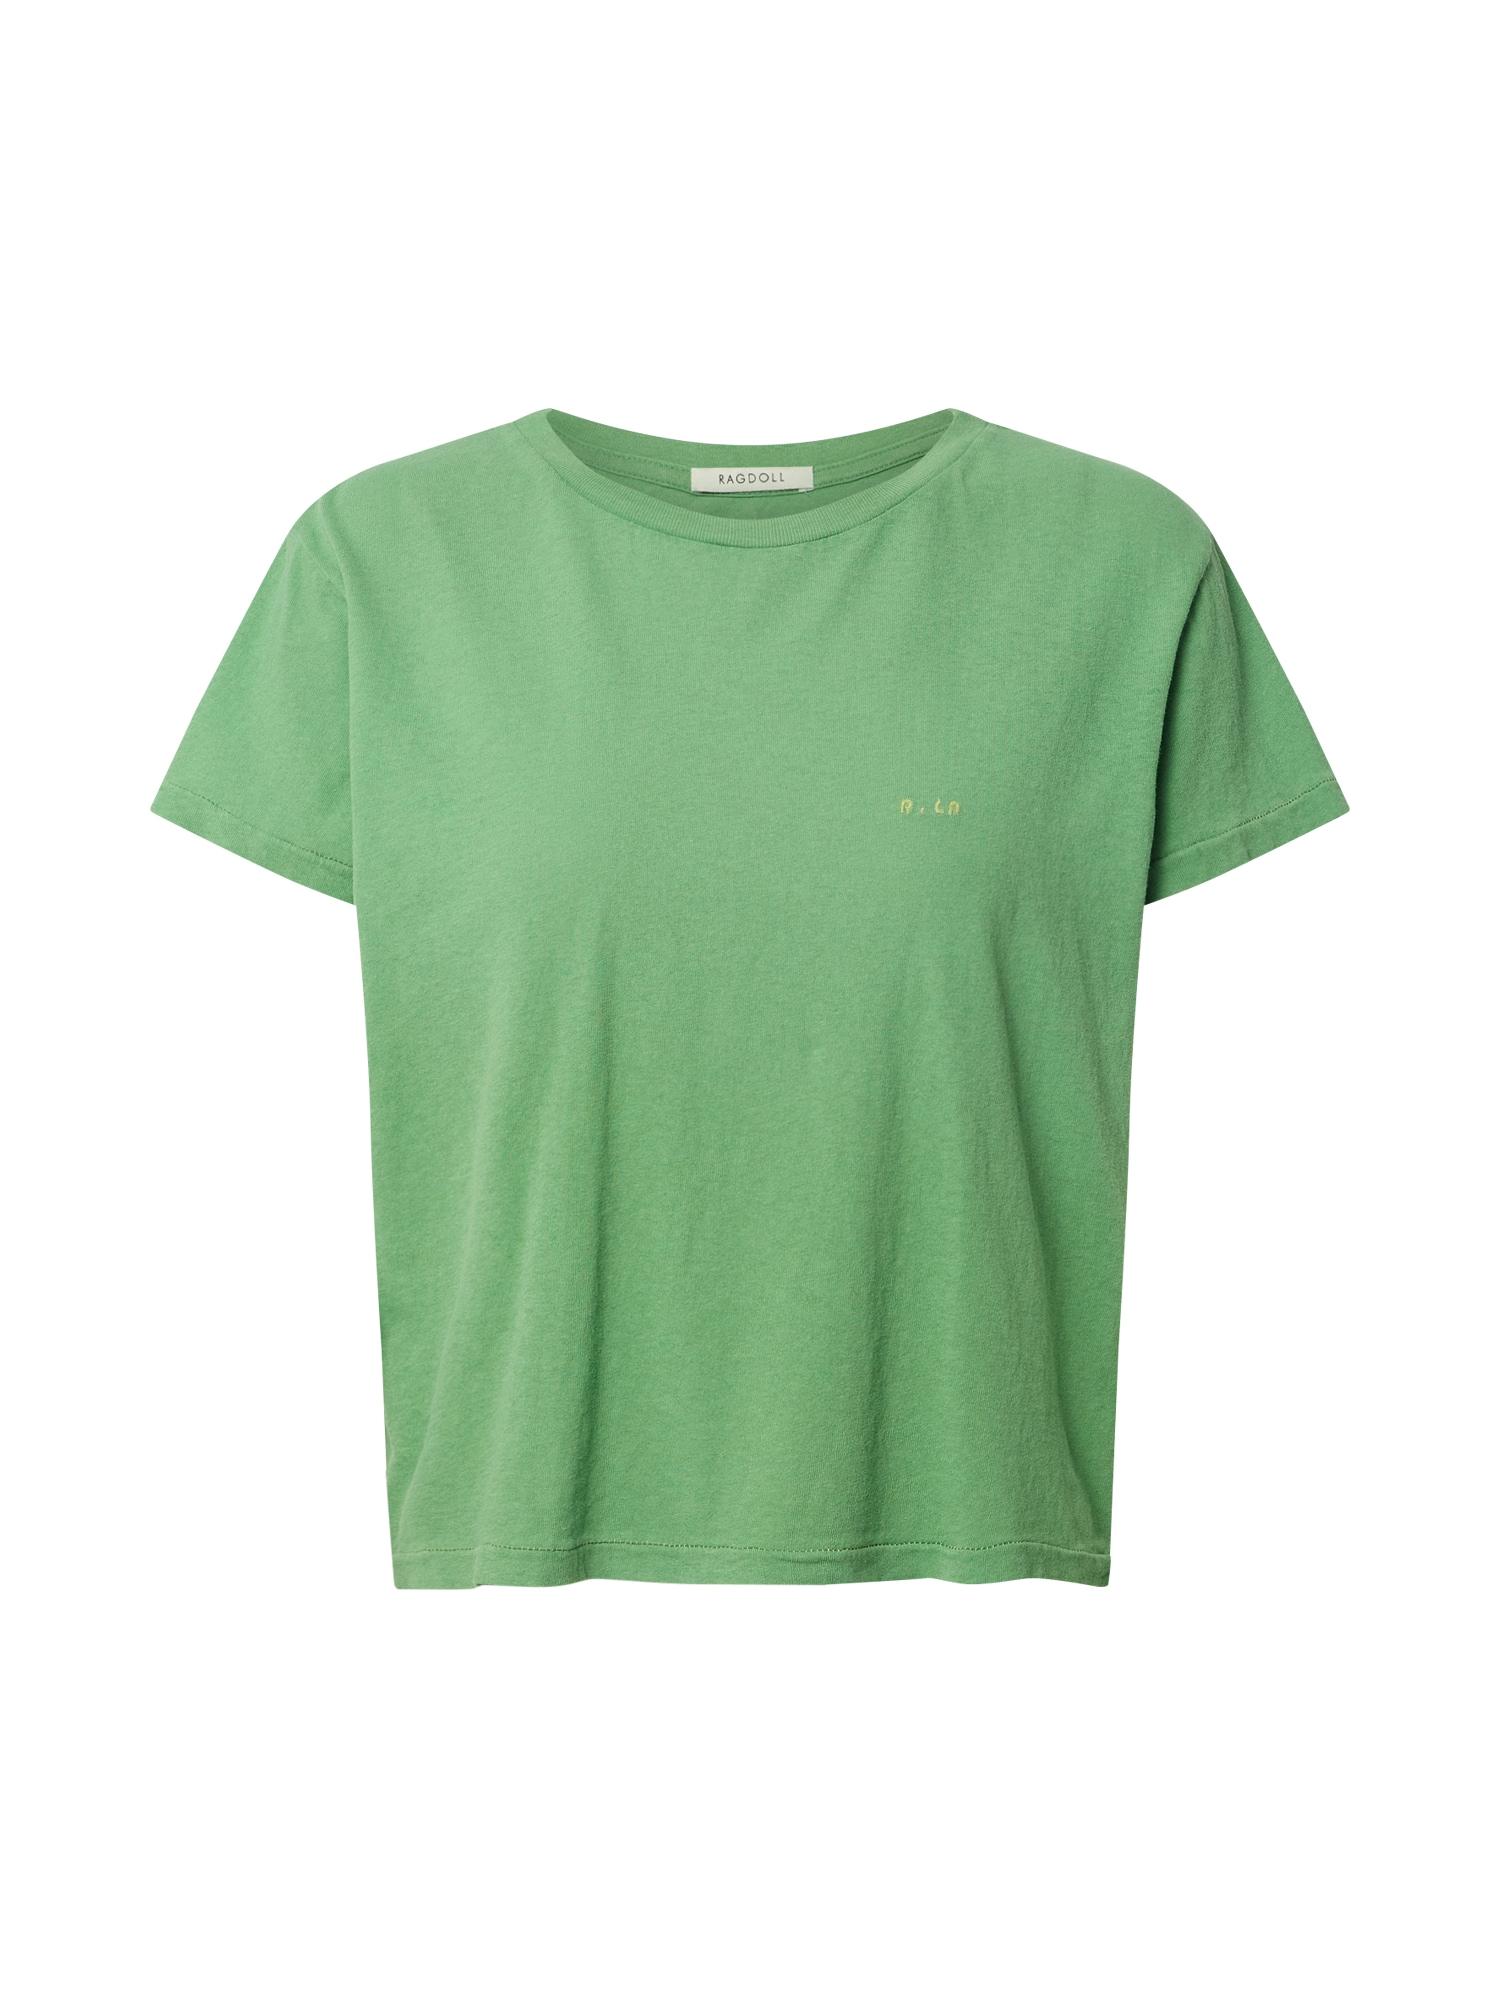 Ragdoll LA Marškinėliai žalia